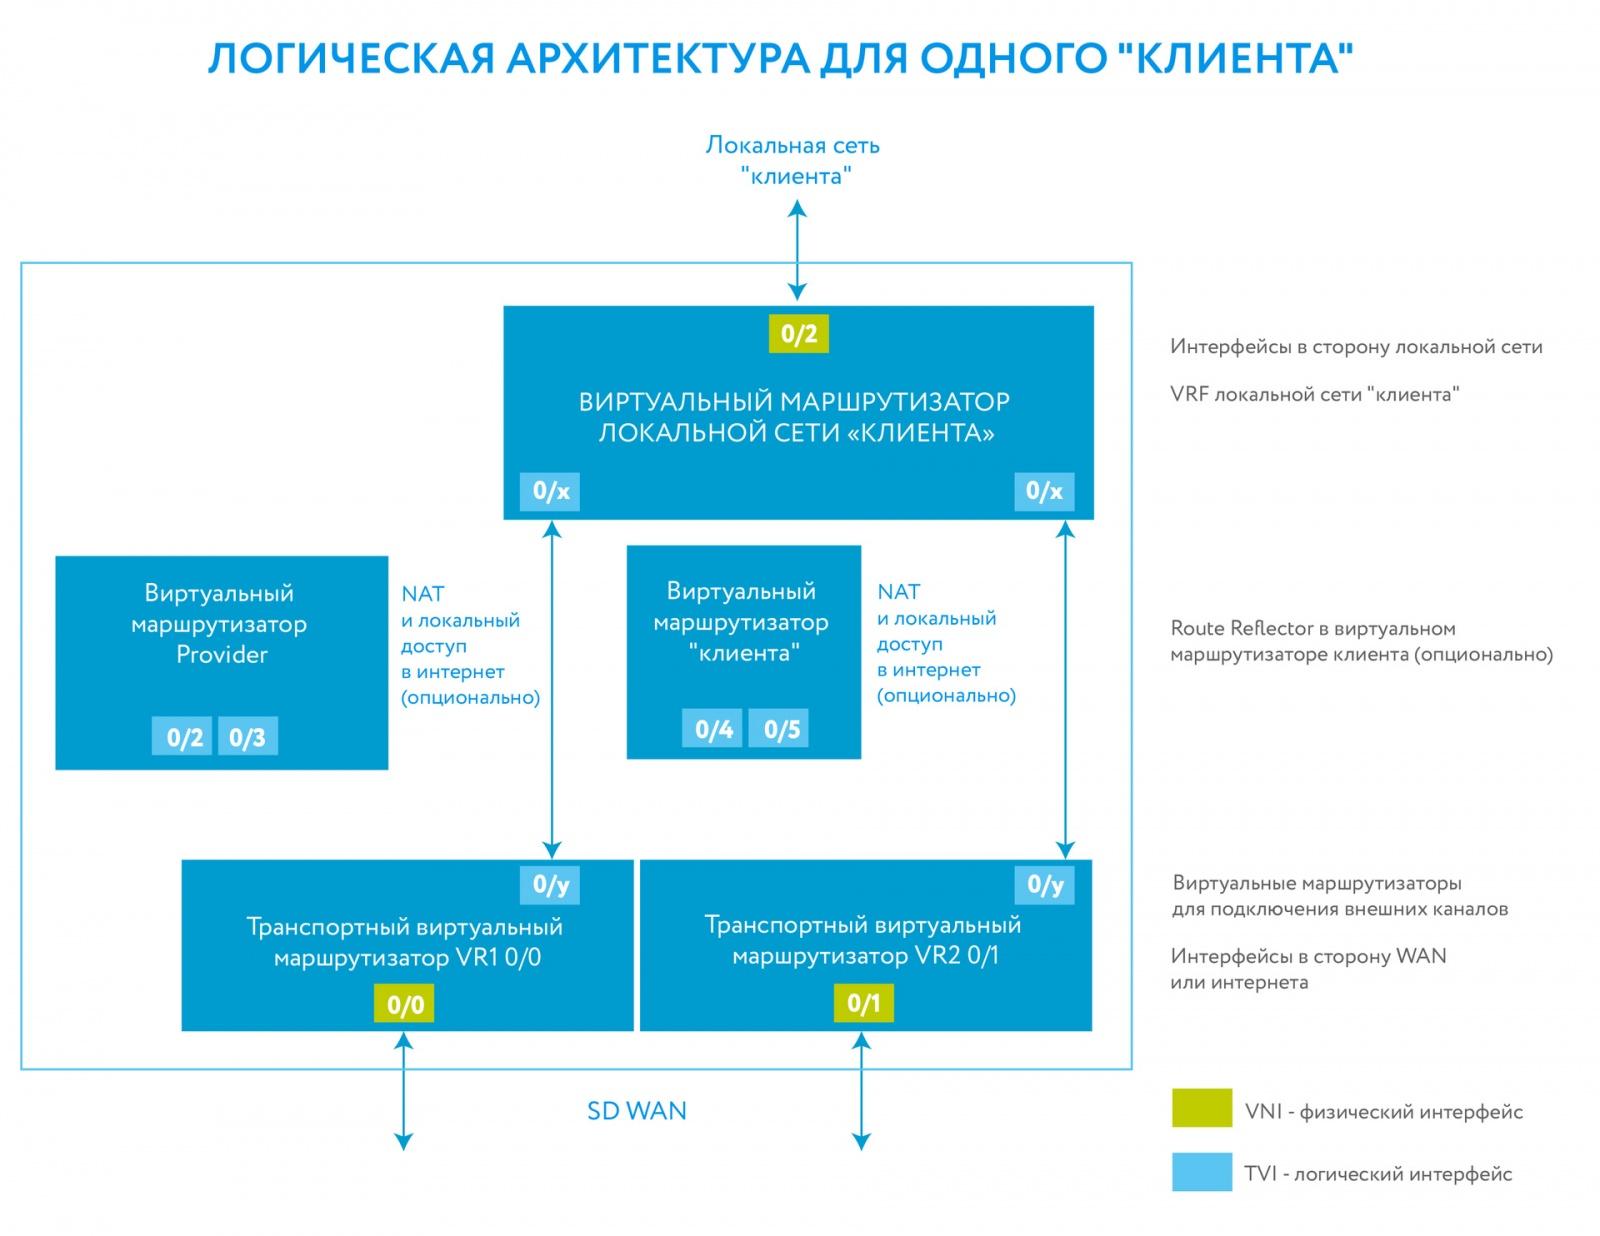 Устойчивый канал на базе кластера сотовых модемов (SD-WAN): решаем проблемы выбора маршрутов - 4